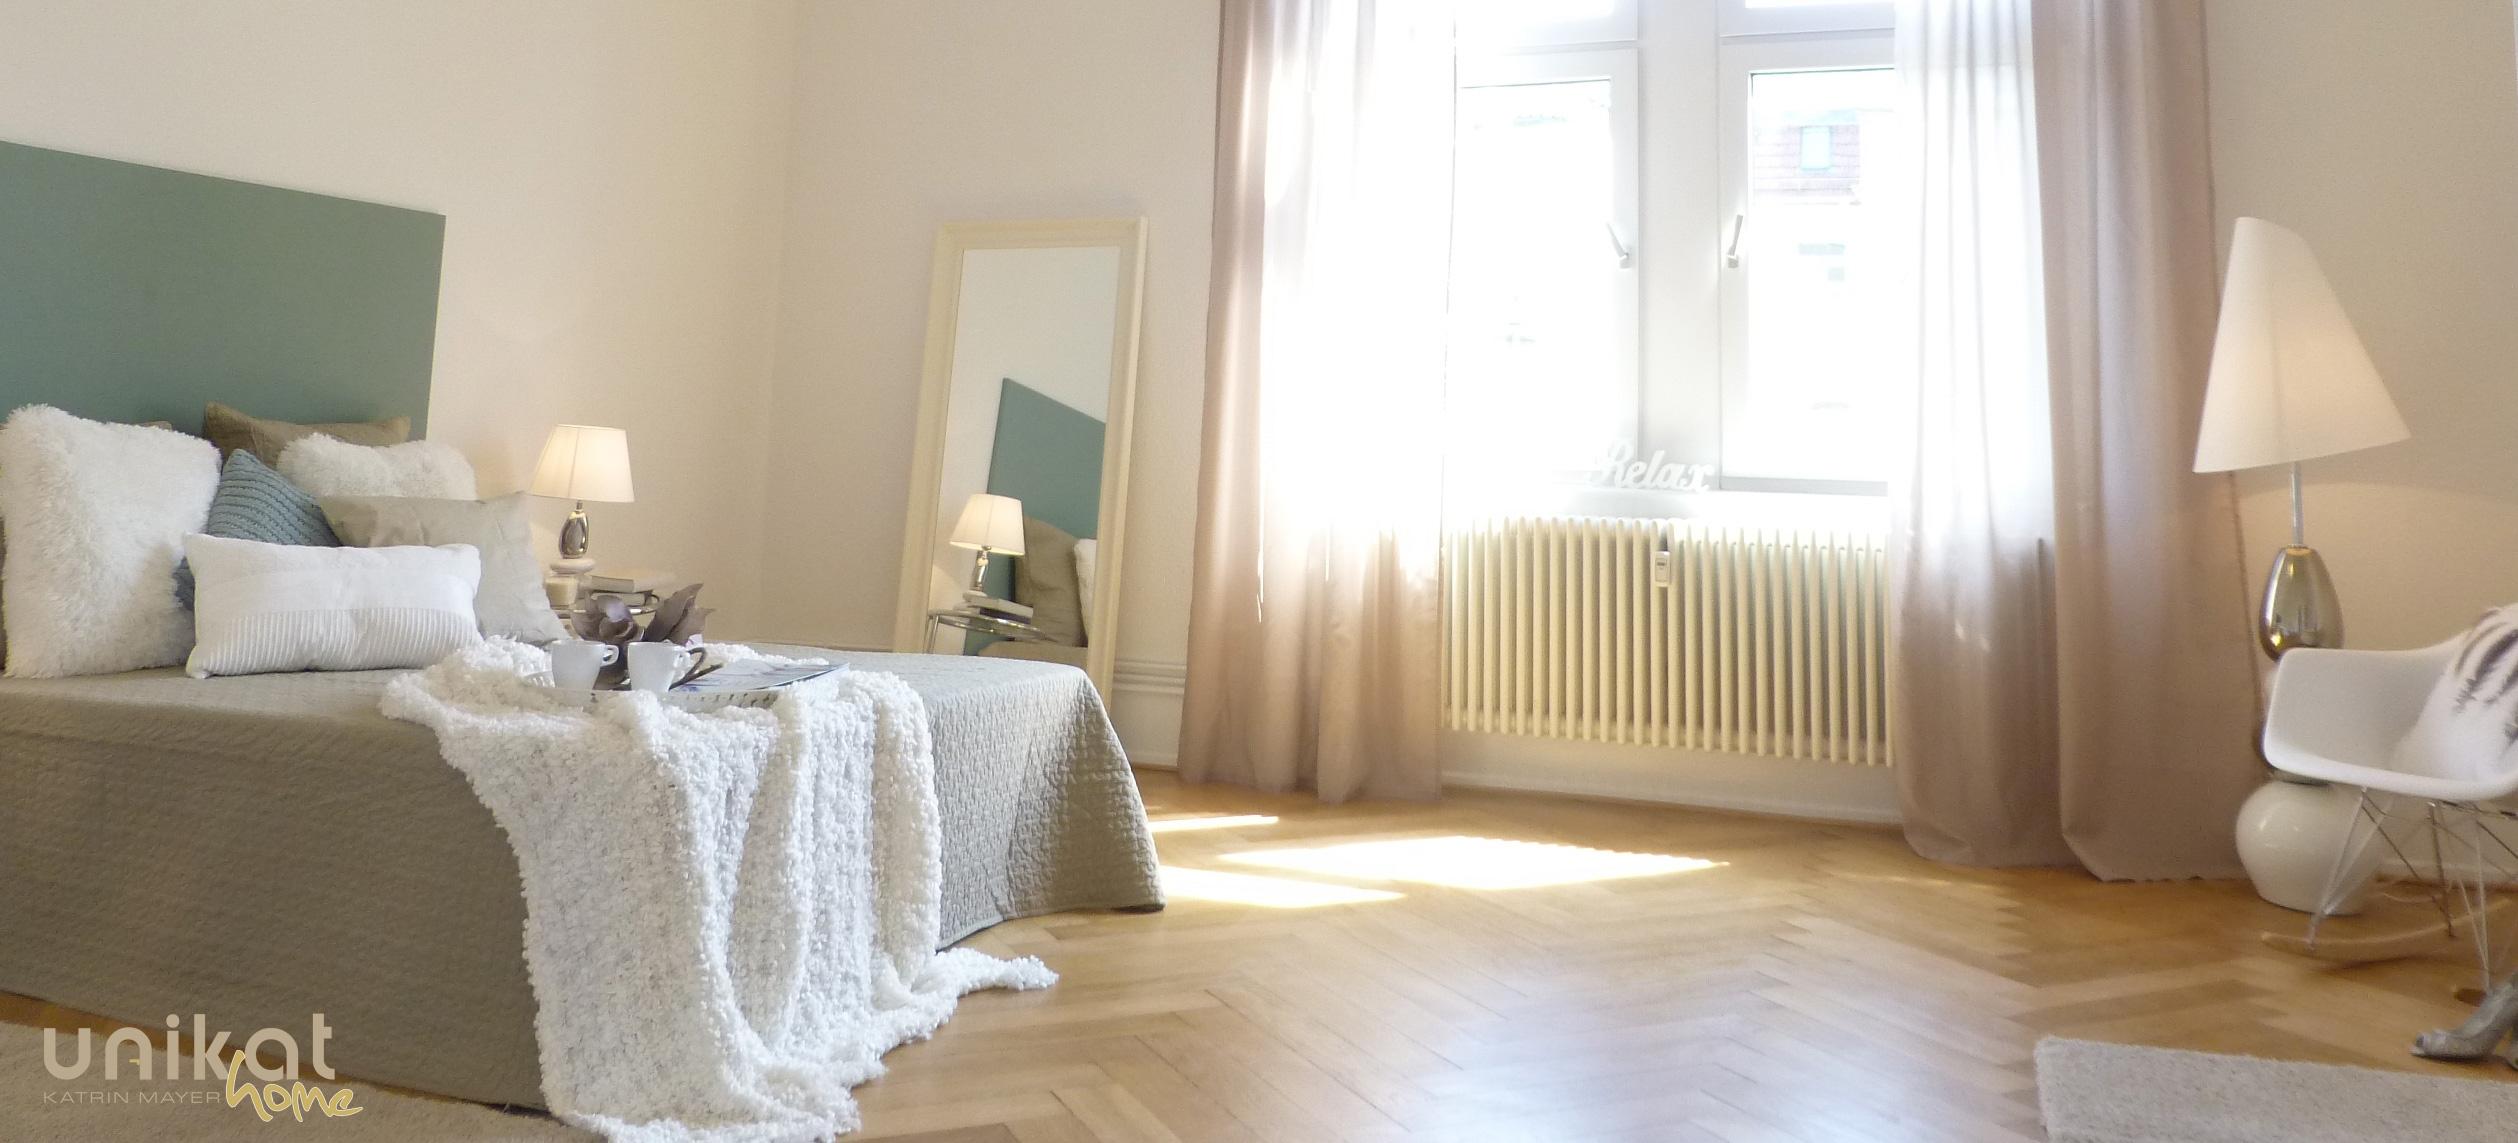 Schlafzimmer Heidelberg